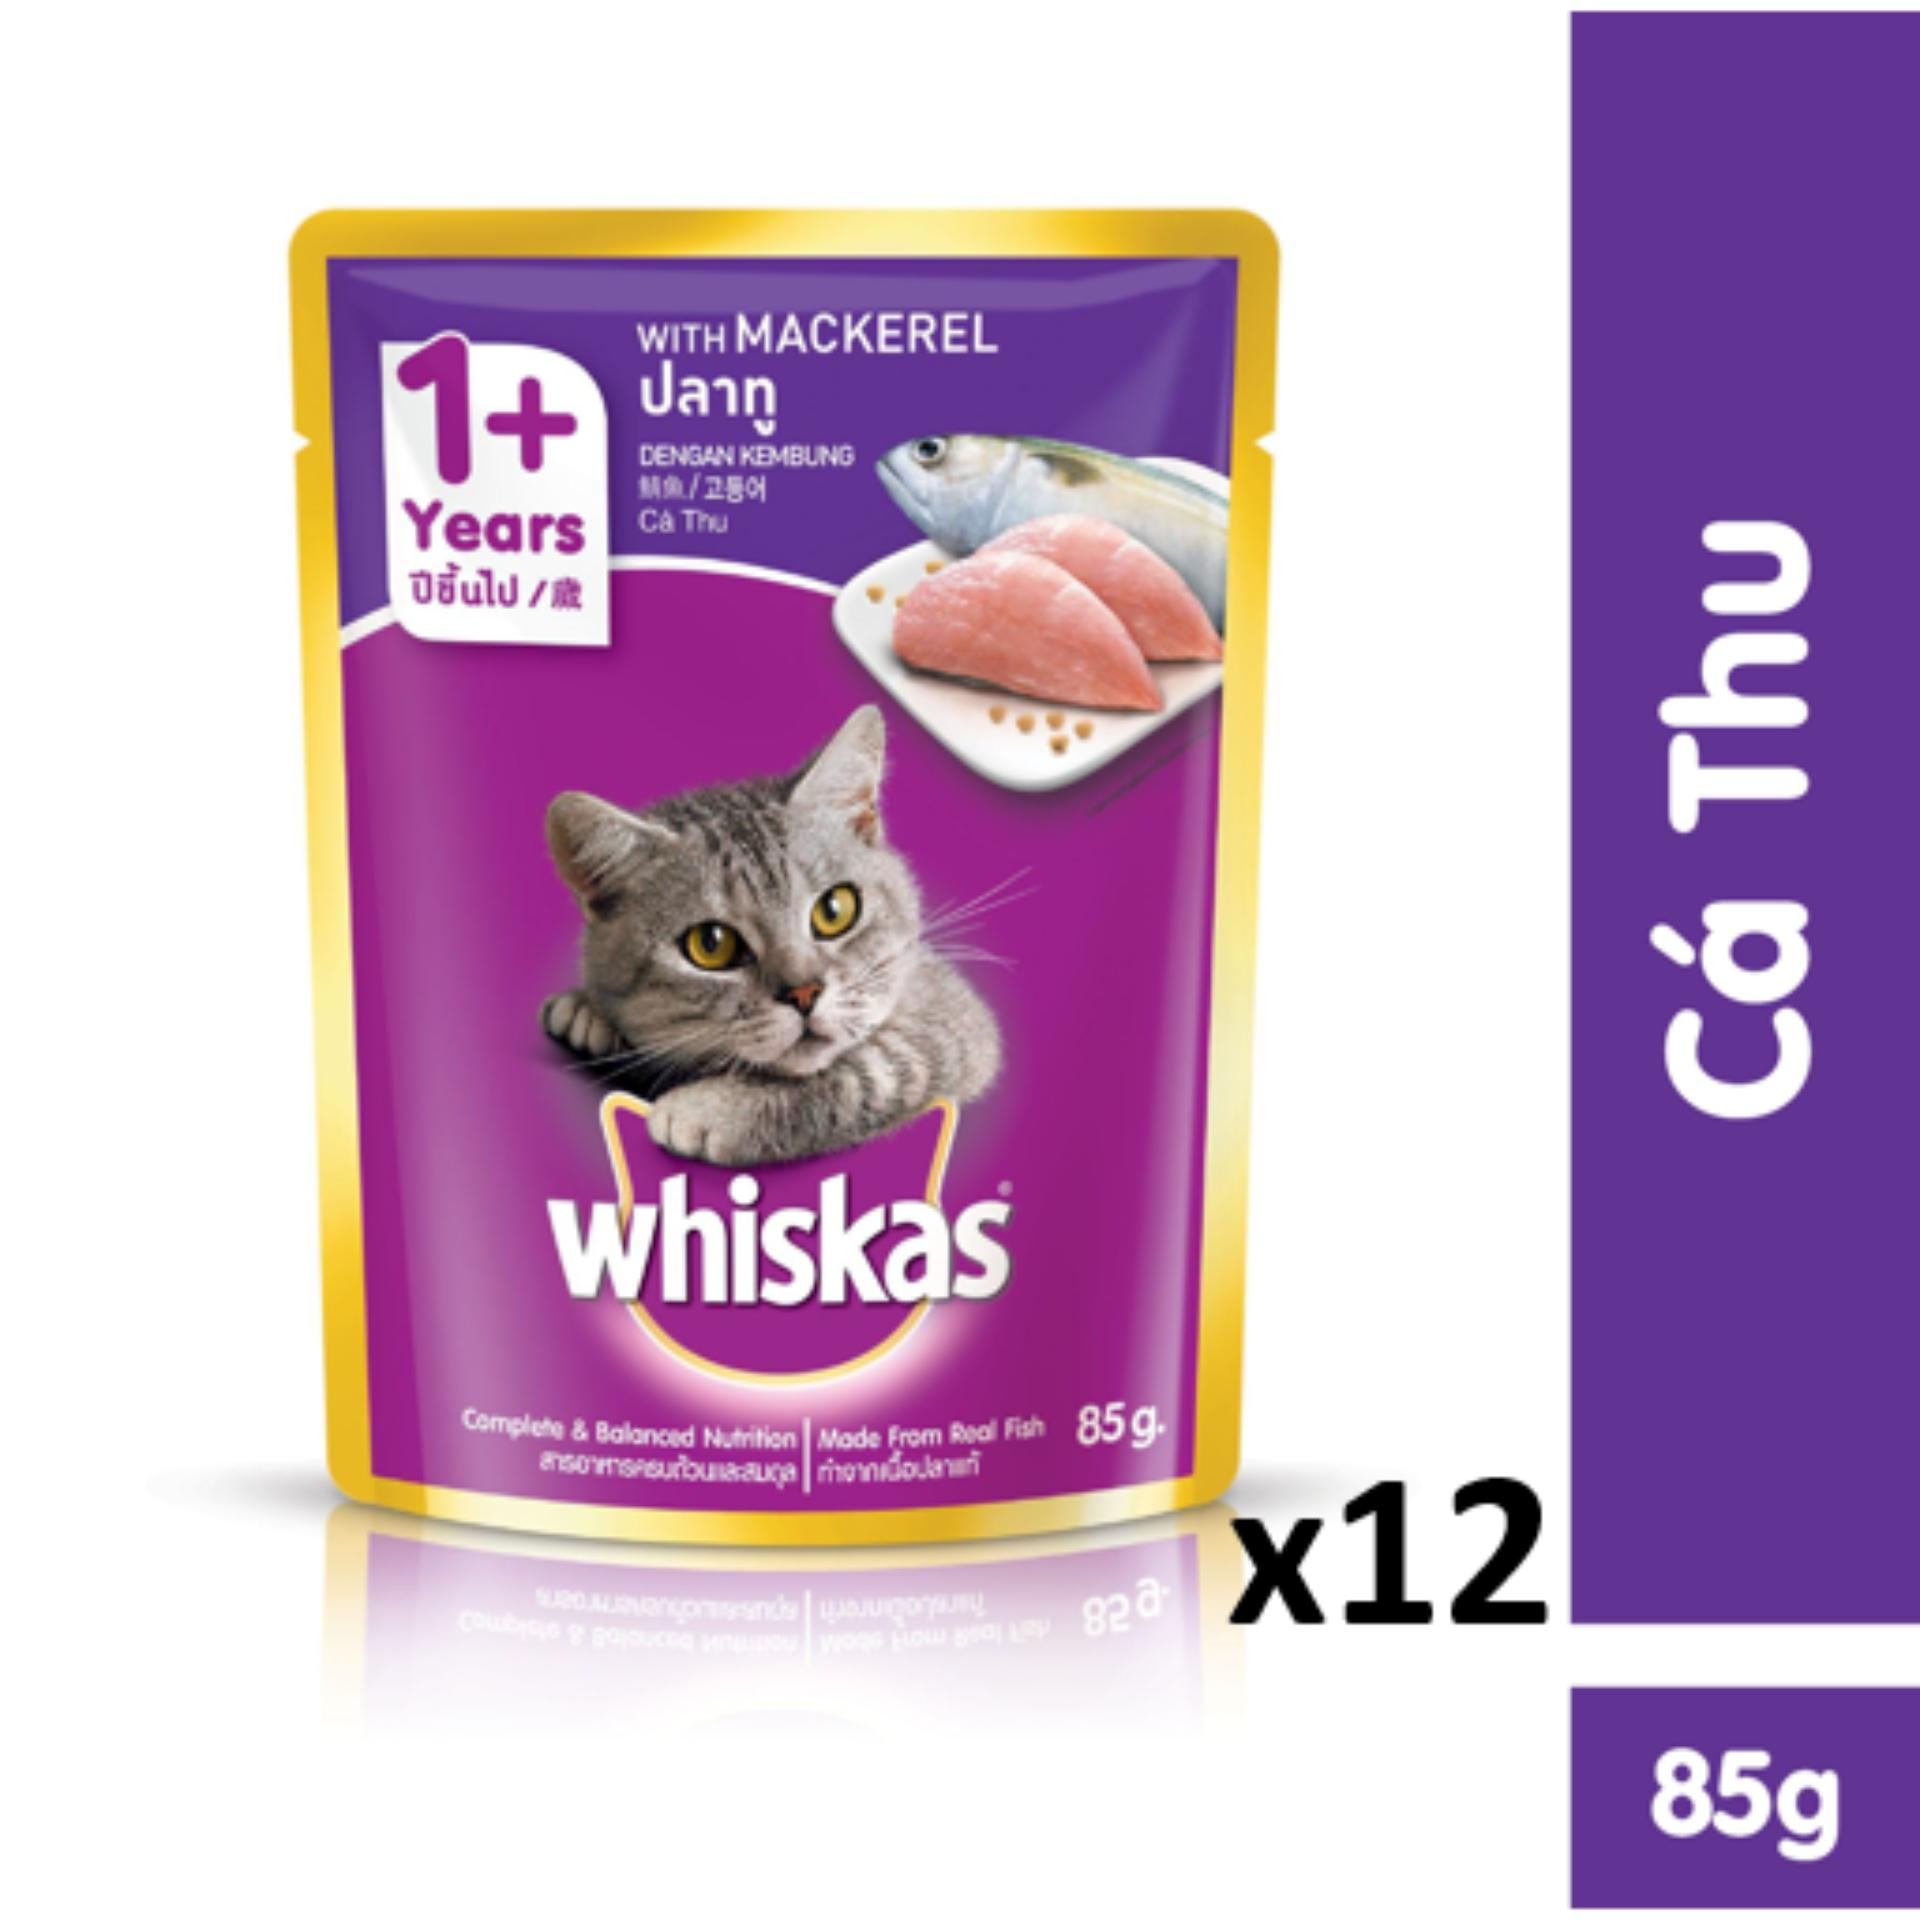 Bộ 12 Túi Thức ăn Cho Mèo Vị Cá Thu 85g Khuyến Mãi Sốc